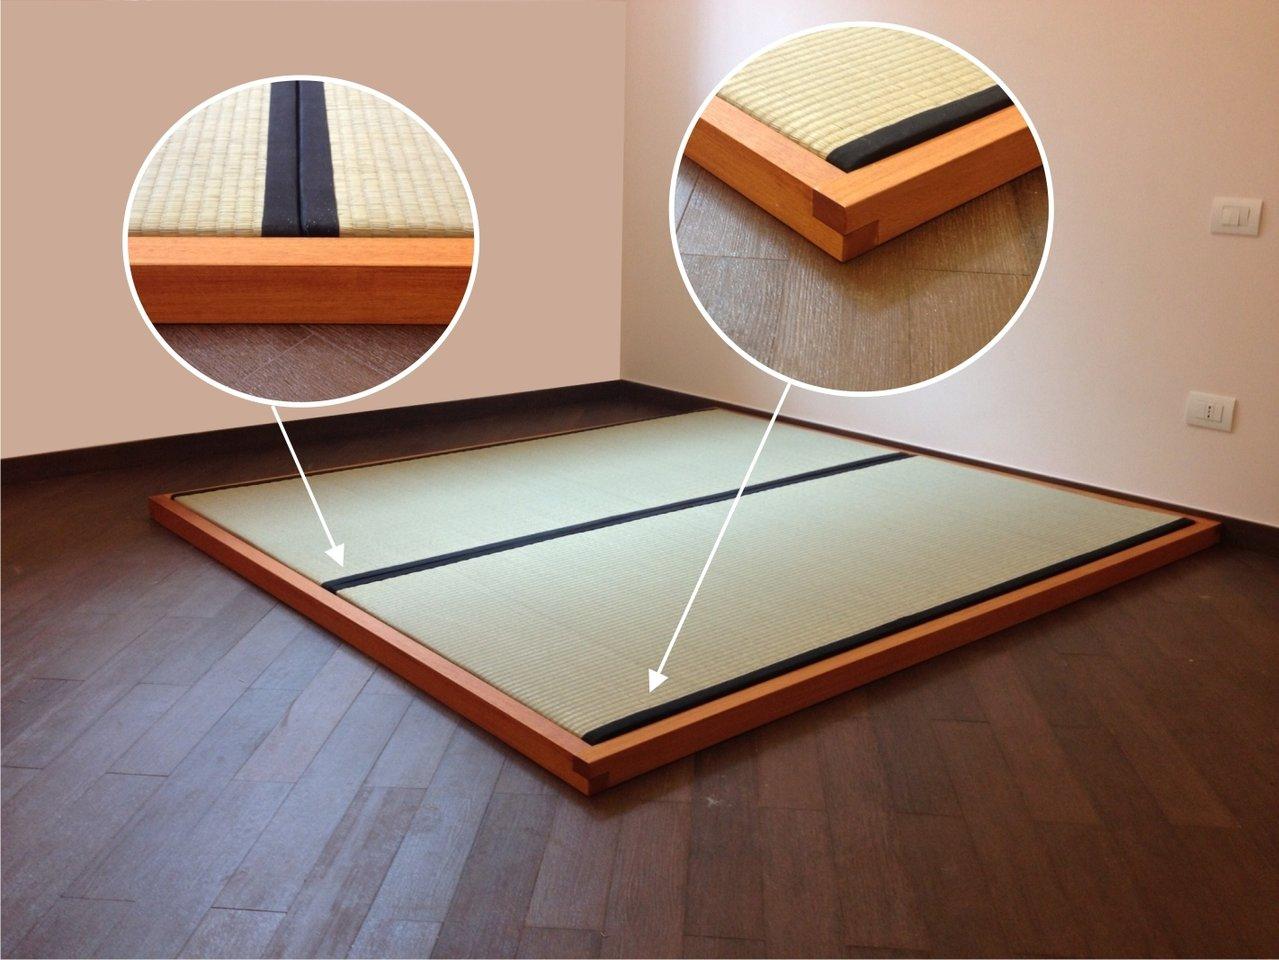 Strutture Letto In Legno Massello : Letto tatami in legno massello cm edojapan shop